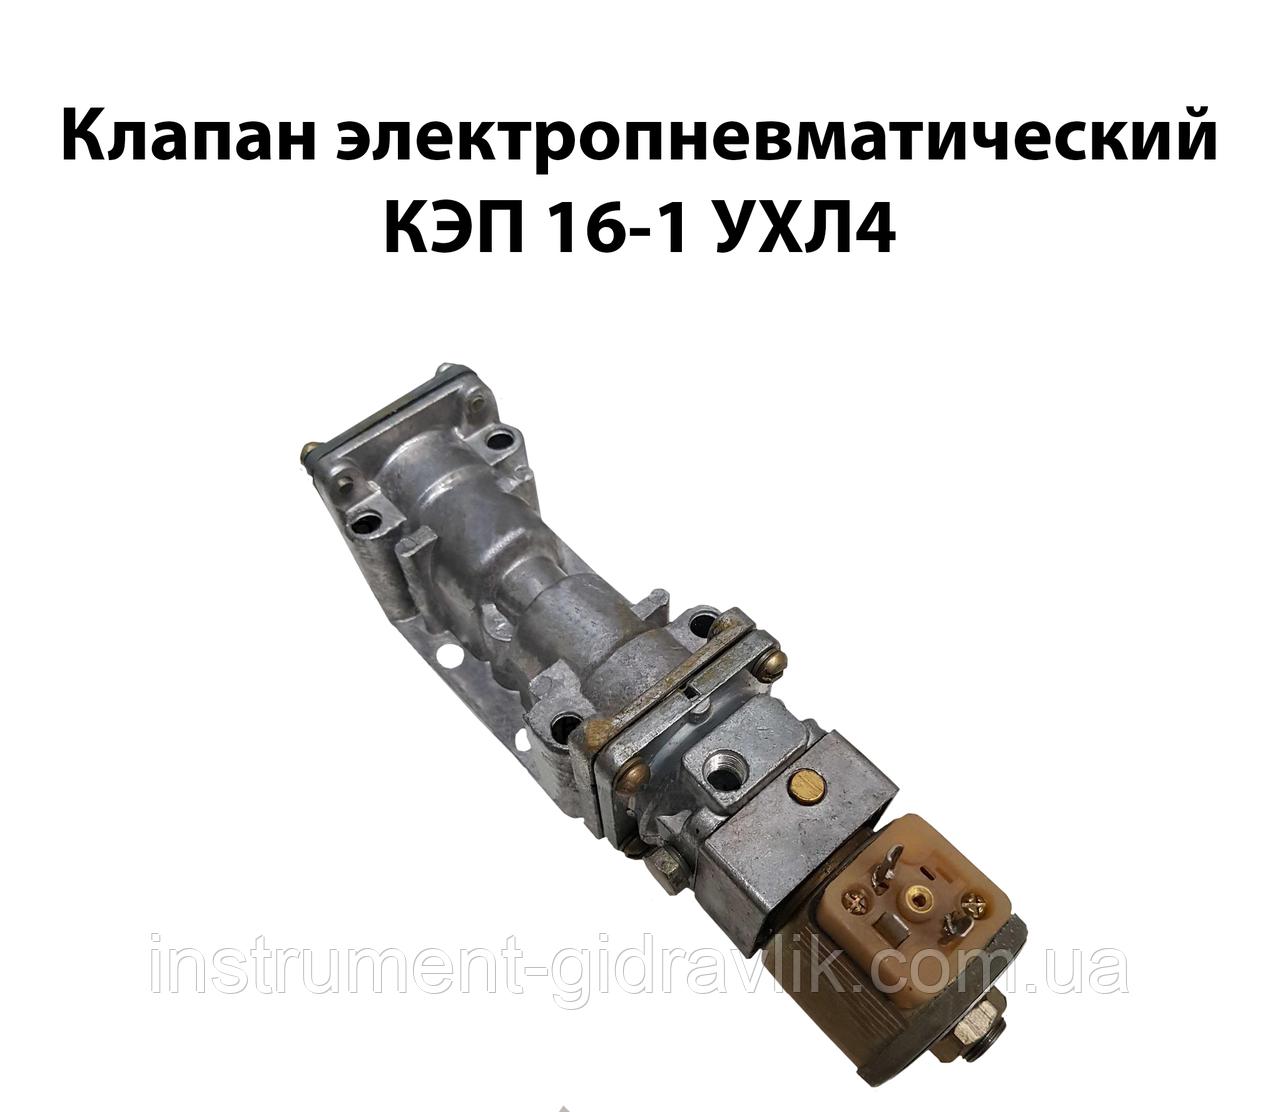 Електропневматичний Клапан КЕП 16-1 УХЛ4(пневморозподілювач) ТУ 16-739101-77